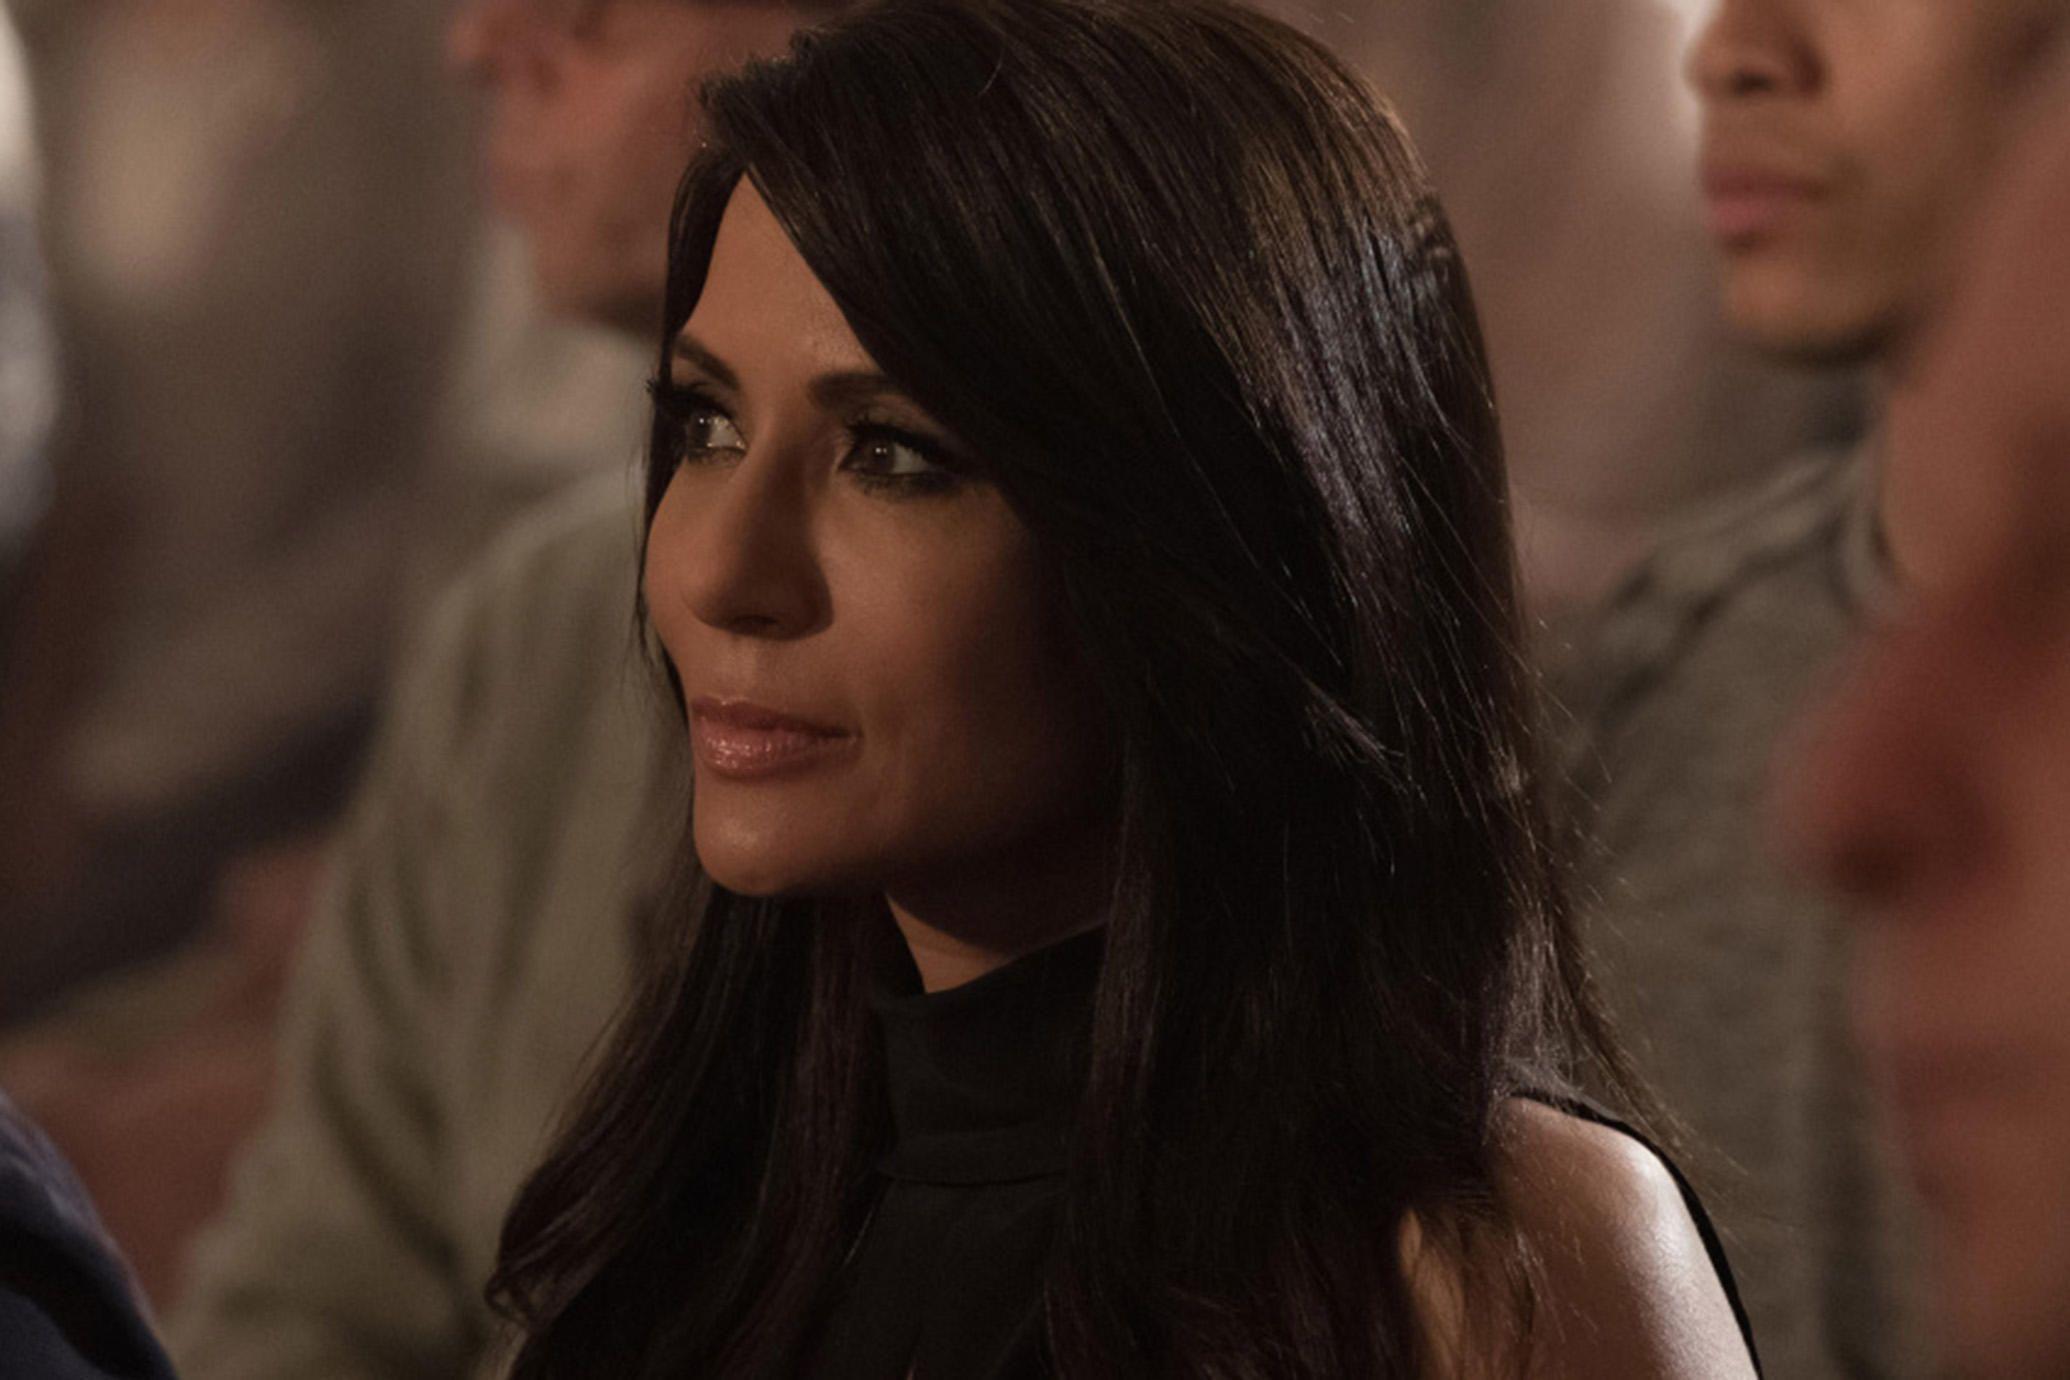 Cena da cena Riverdale. Na cena vemos Hermione Lodge, uma mulher latina de meia idade. Ela tem a pele clara, e os olhos e cabelos pretos.